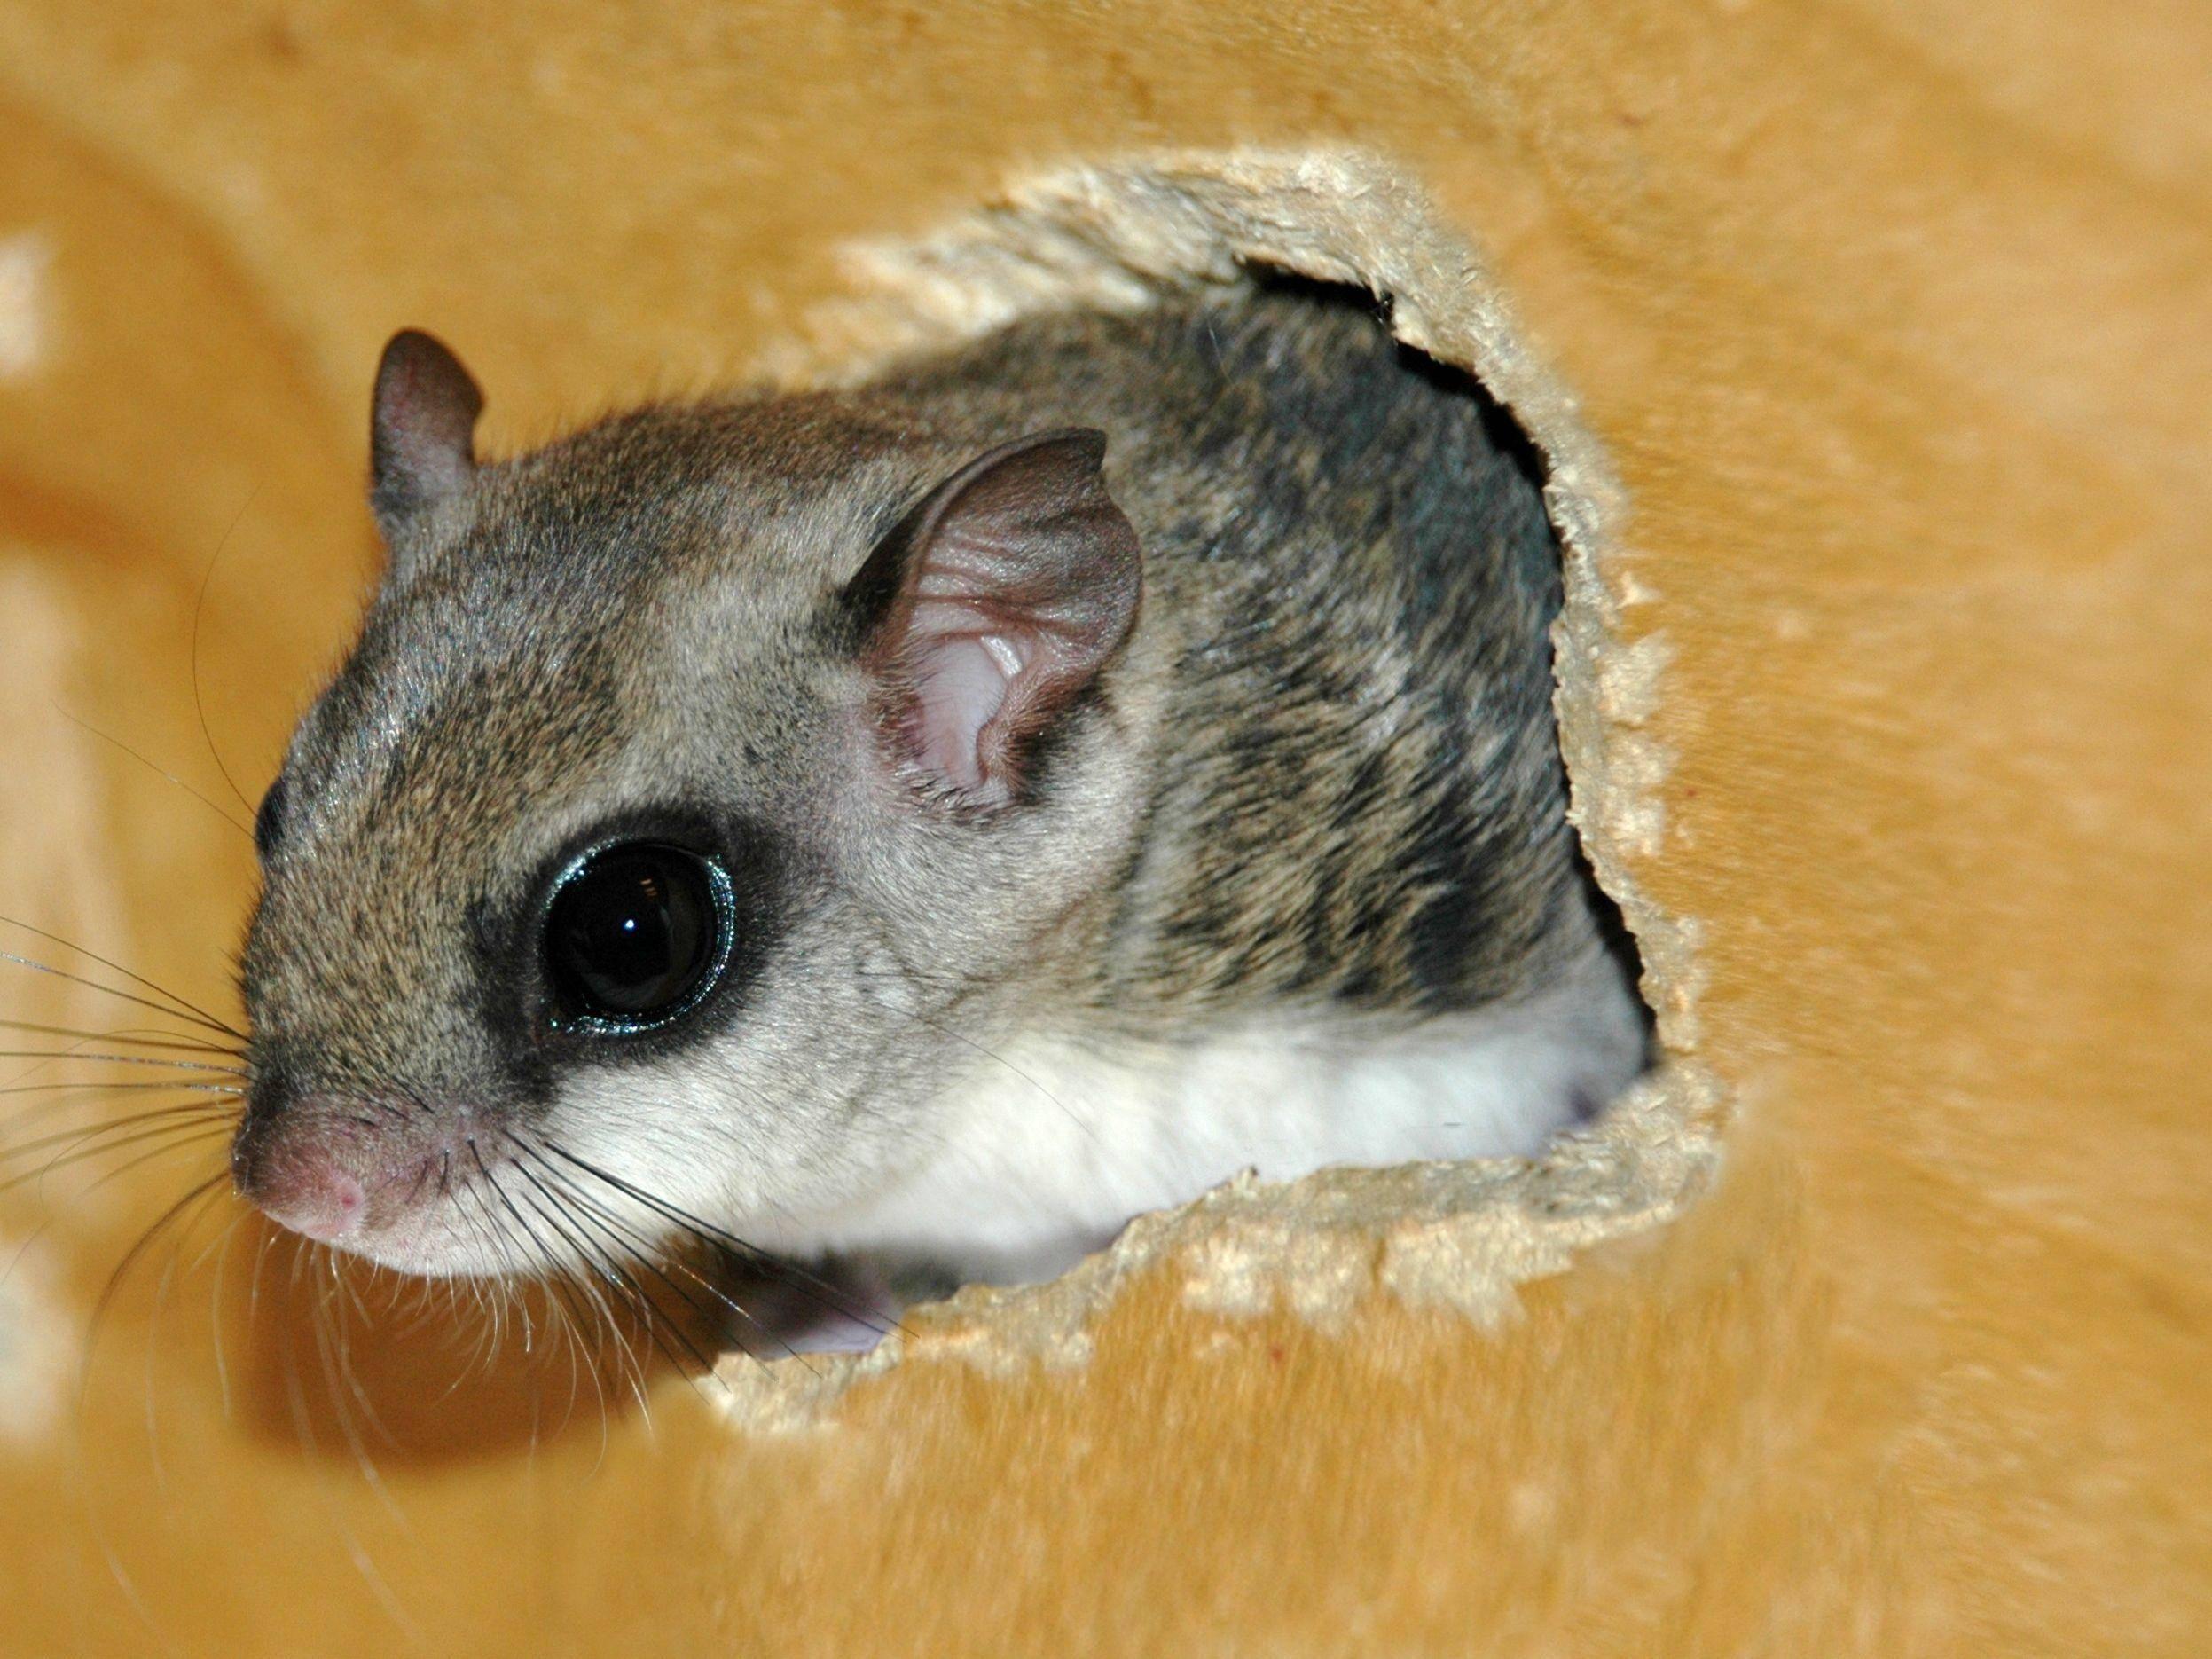 Auf zu neuen Abenteuern: Ein Hörnchen verlässt sein Nest — Bild: Shutterstock / Redwood